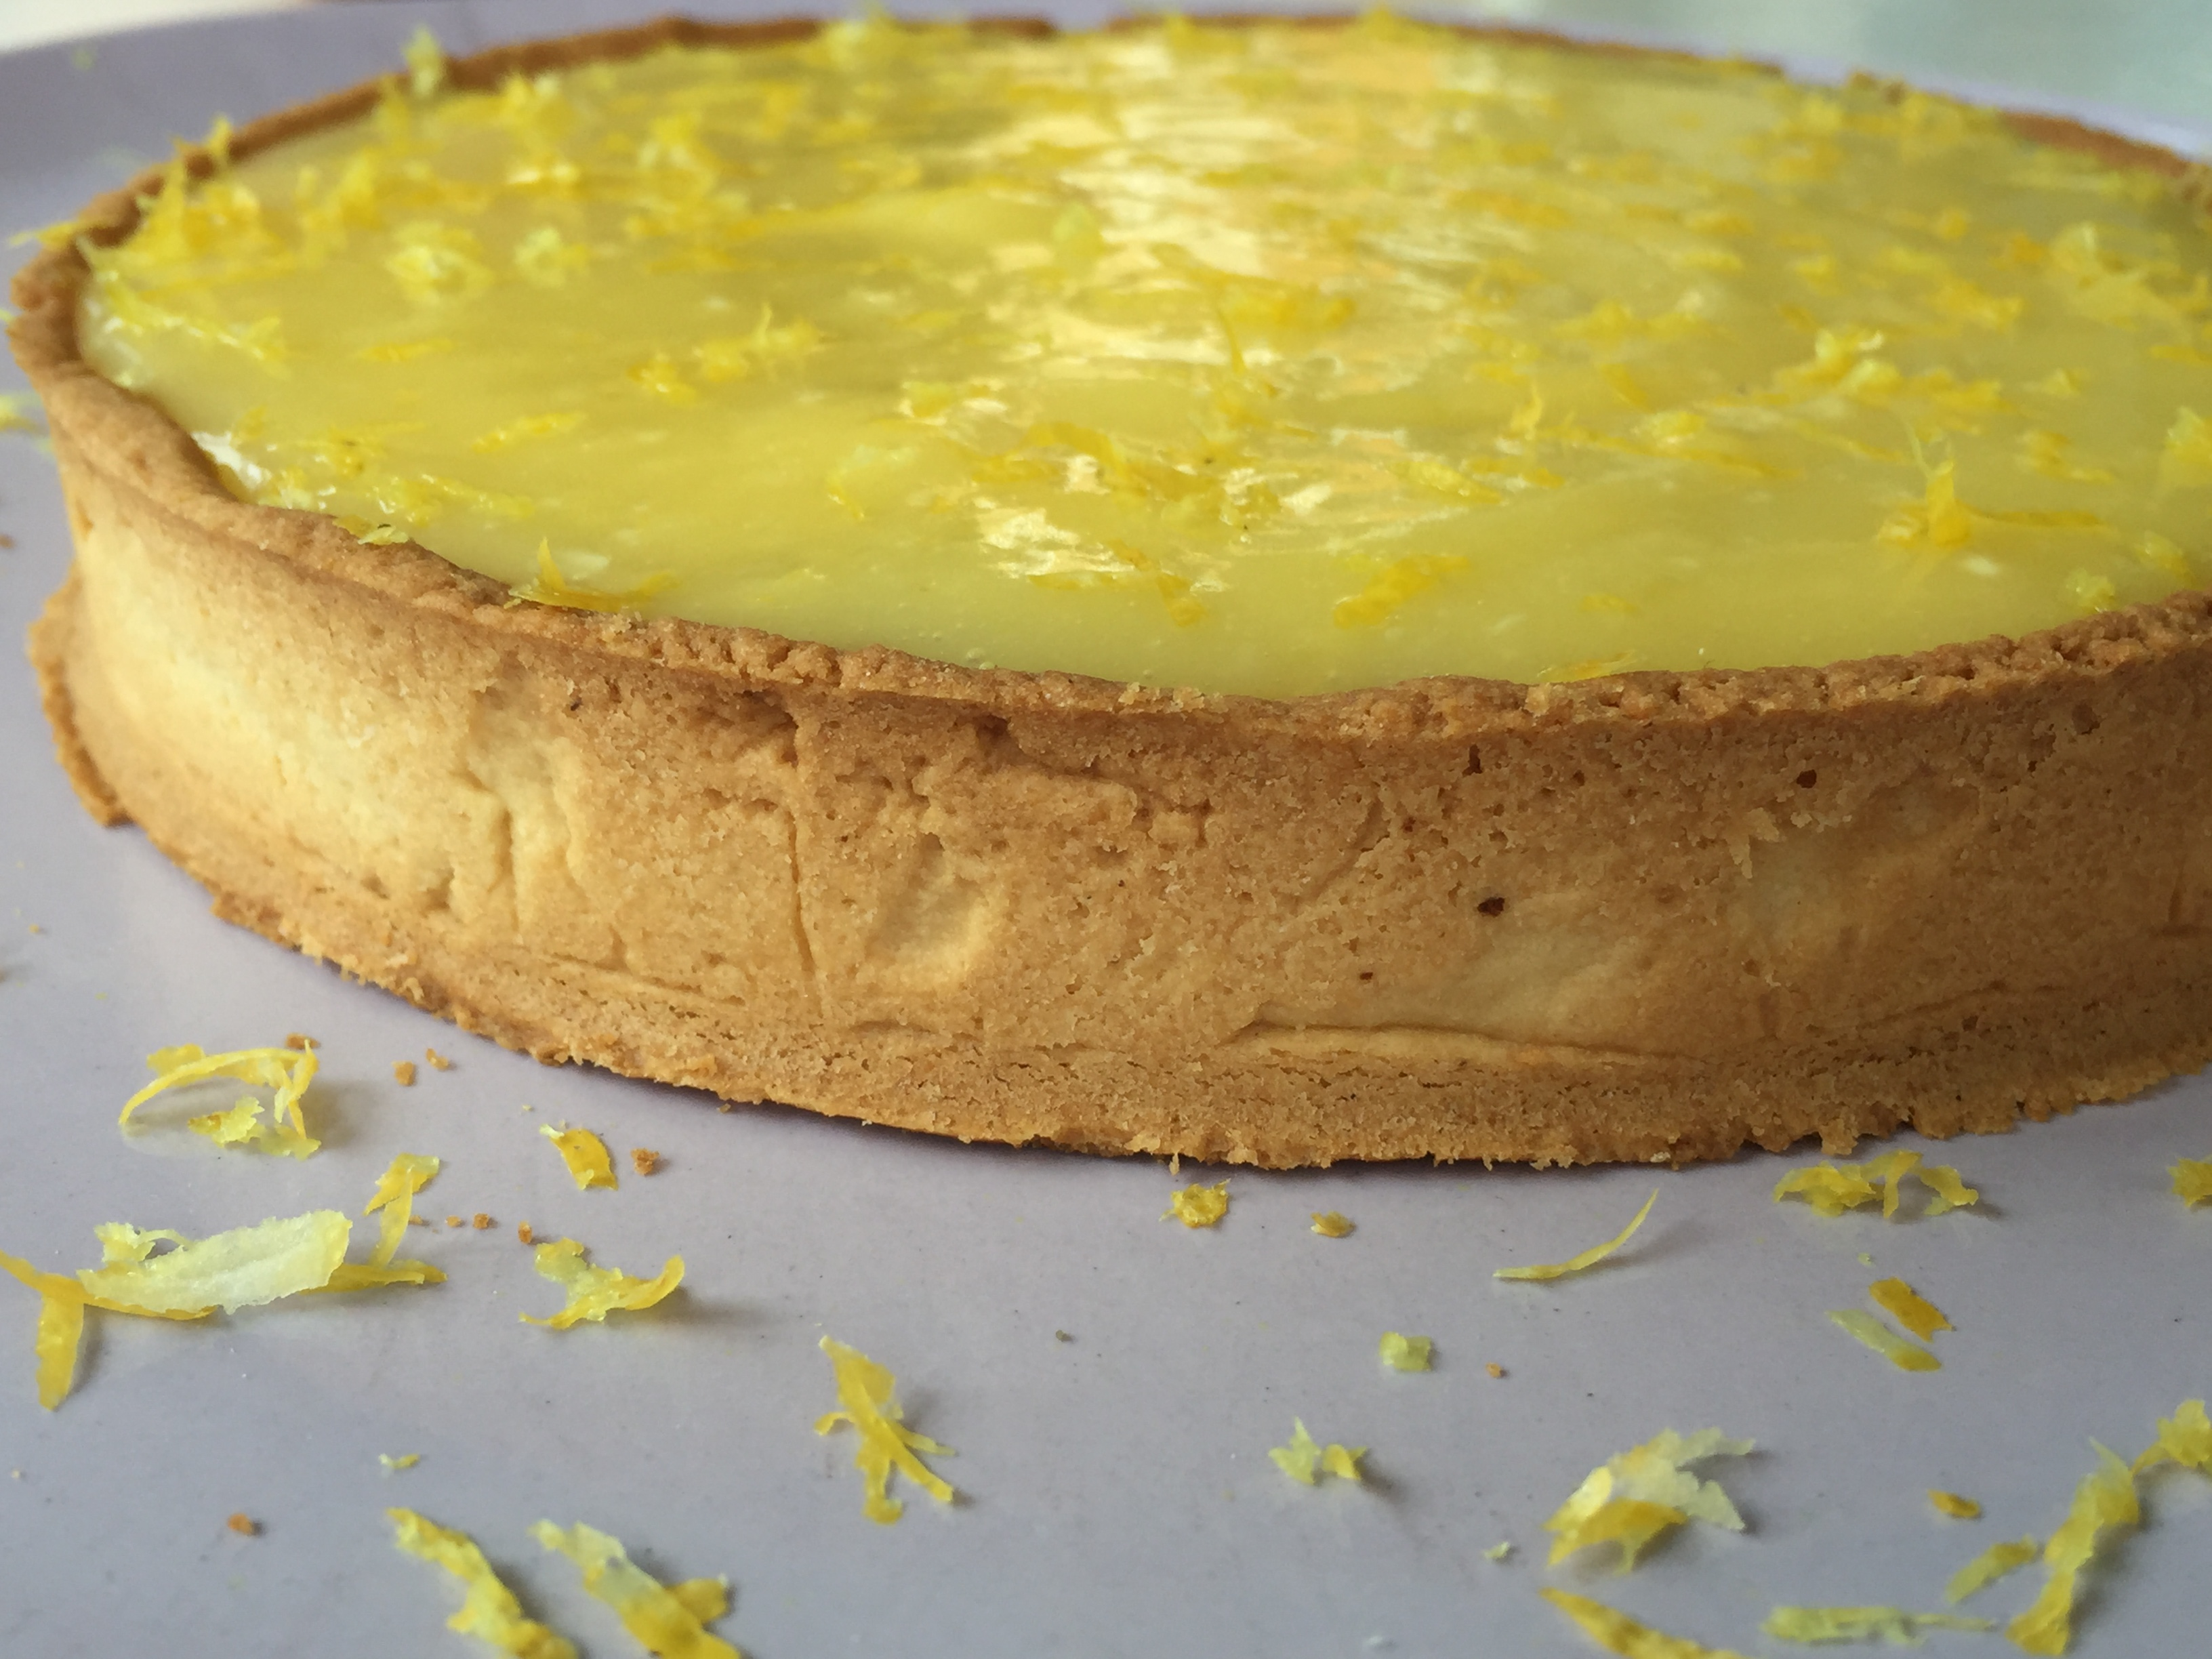 Tarte au citron sans gluten inspirée d'une recette de Philippe Conticini